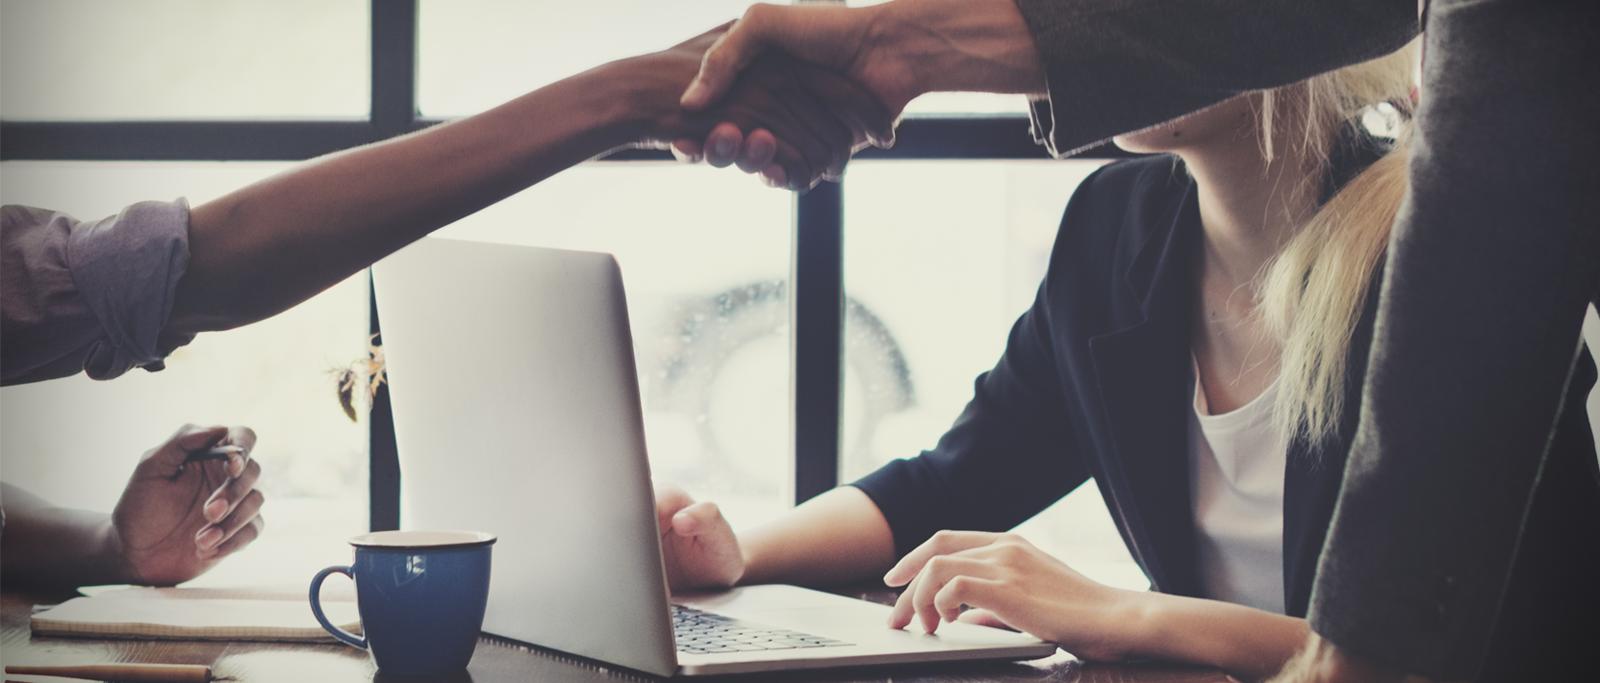 Como prospectar clientes para empresas do setor de tecnologia? Veja 7 passos infalíveis